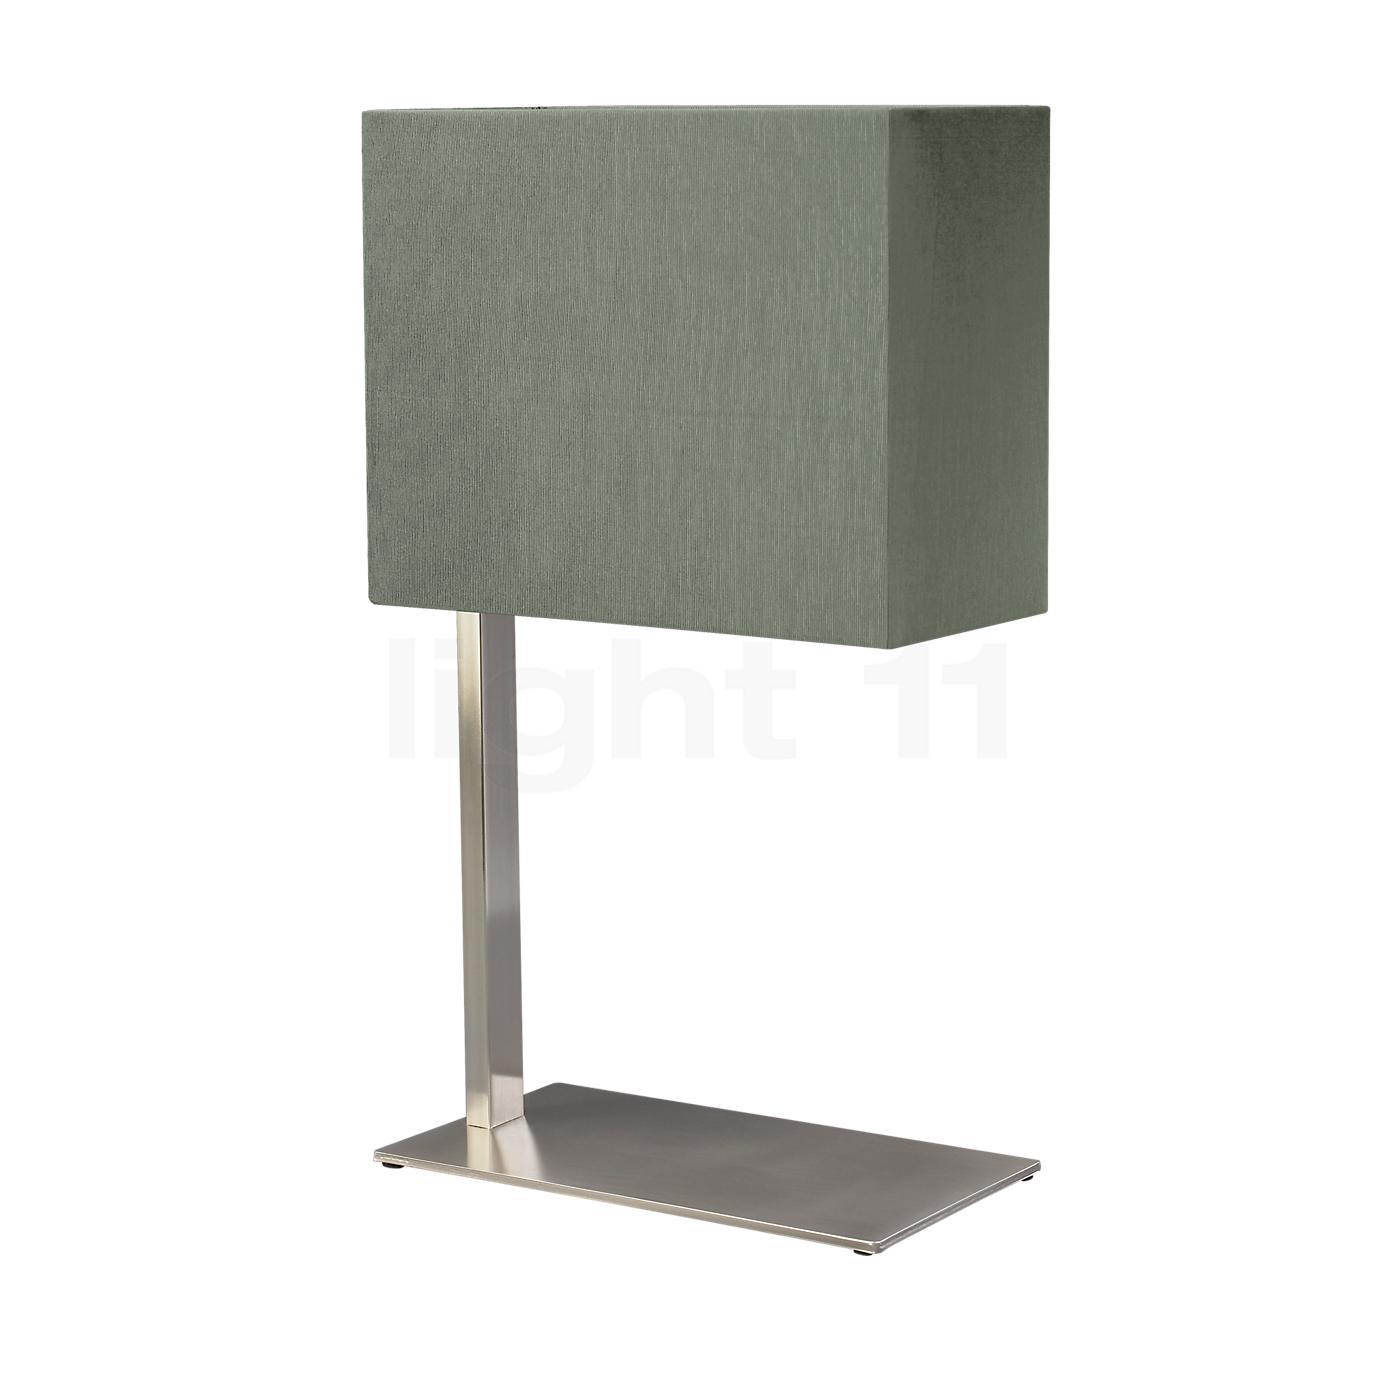 philips instyle cano tischleuchte kaufen bei. Black Bedroom Furniture Sets. Home Design Ideas